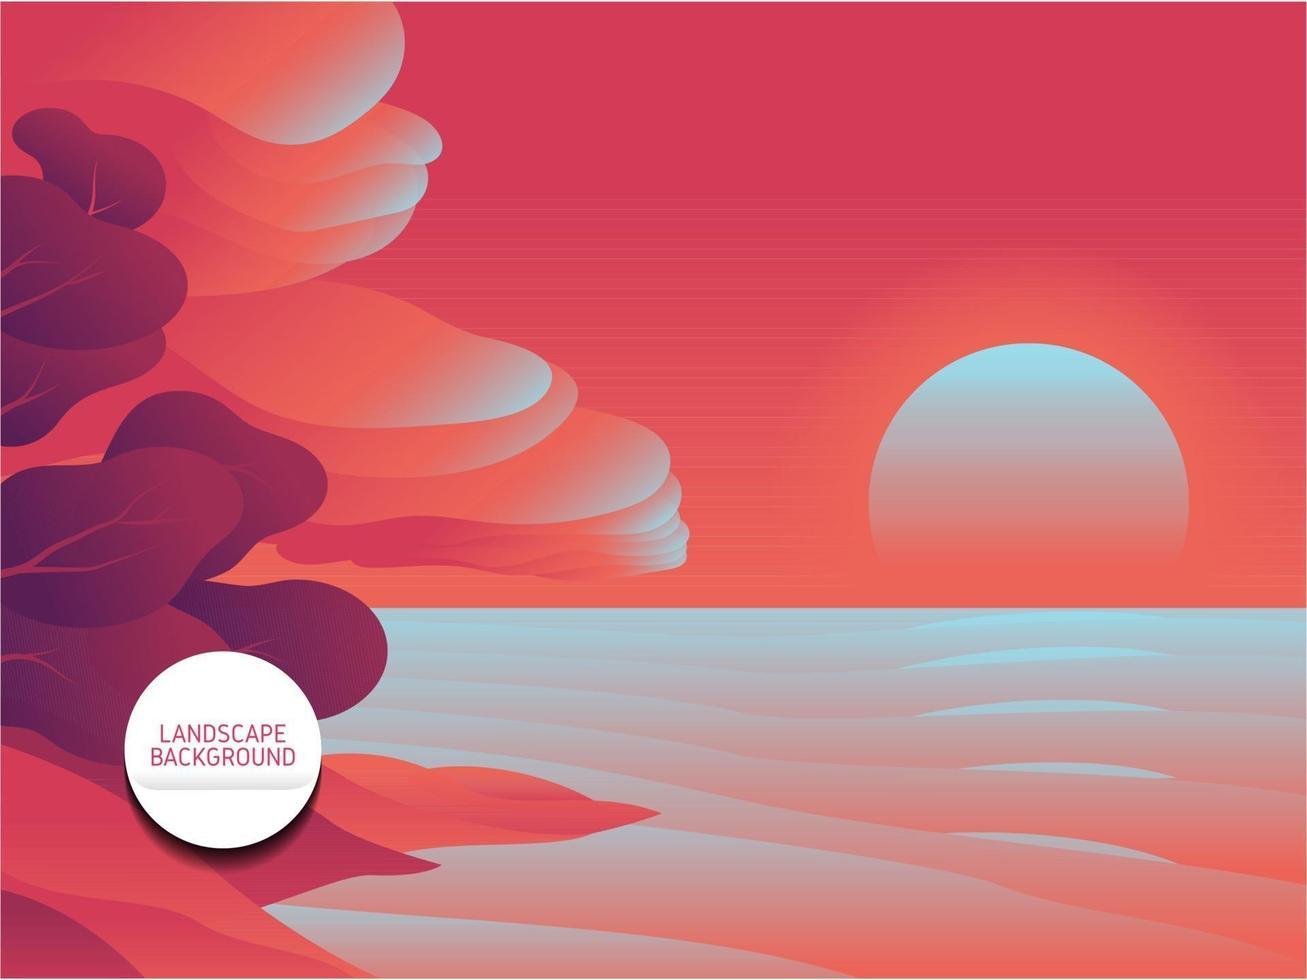 sfondo paesaggio rosa vettore